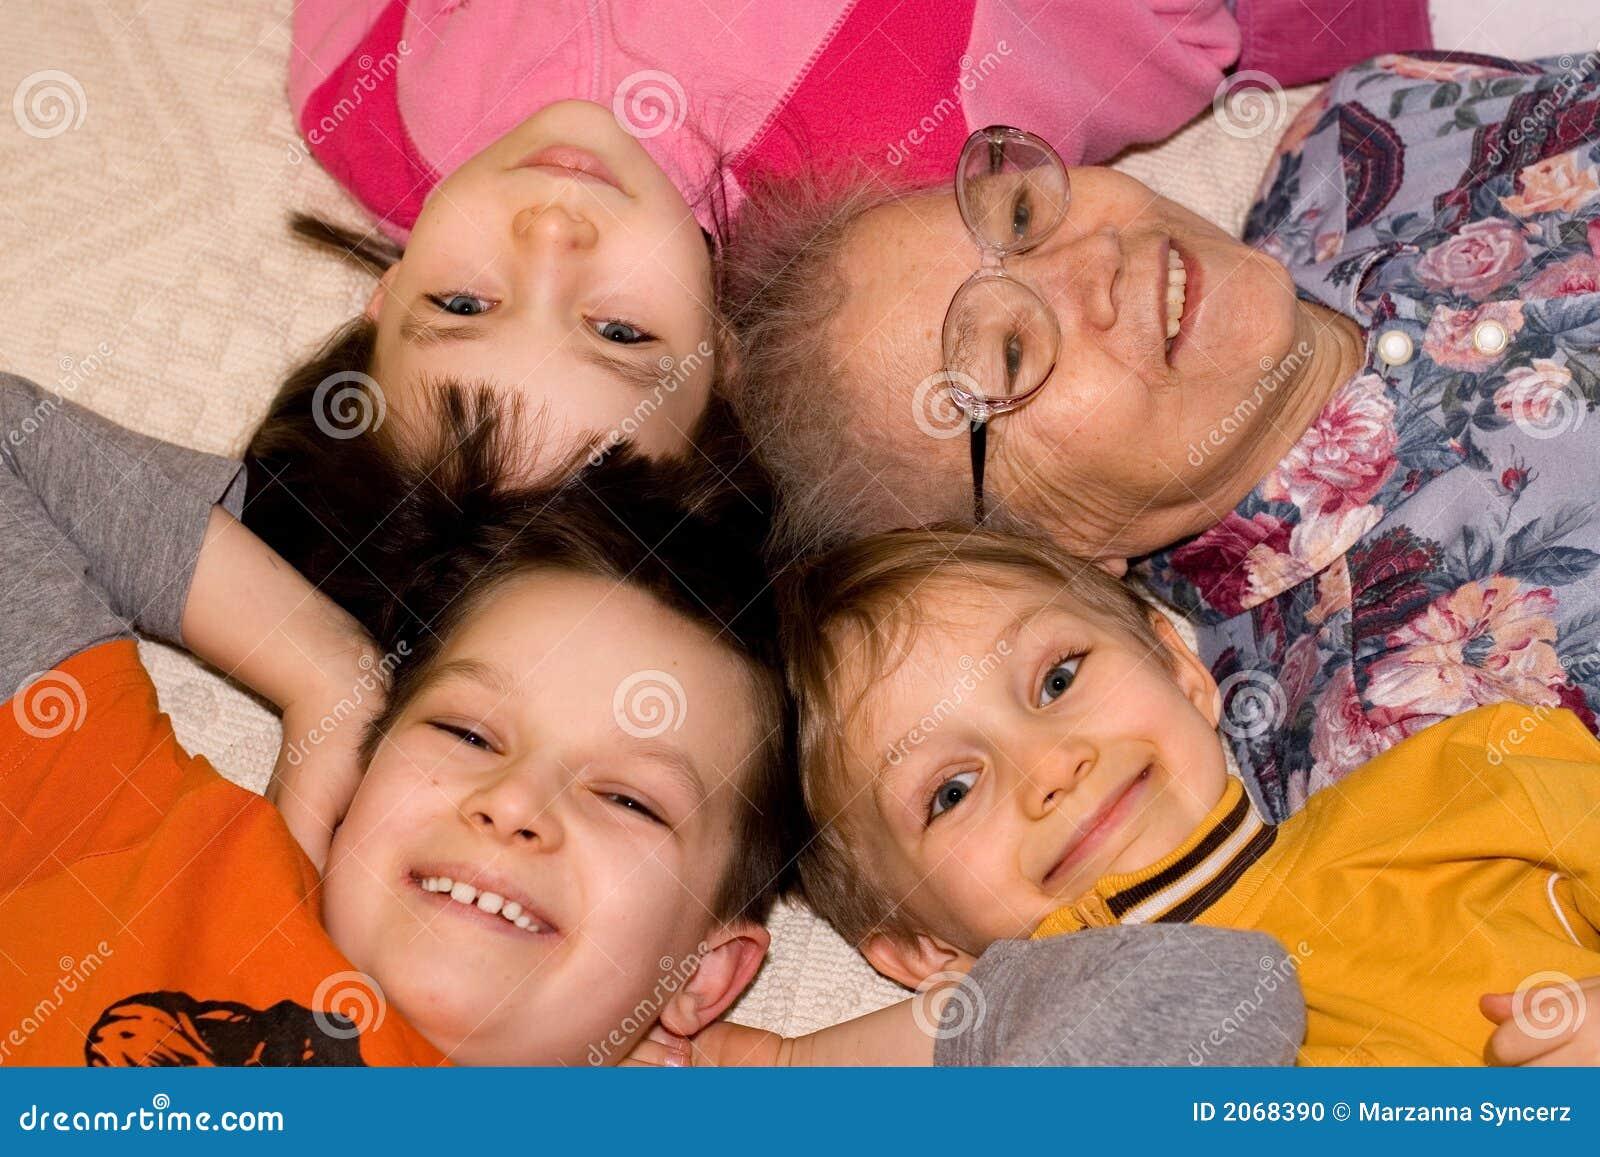 Grand-mère jouant avec des gosses